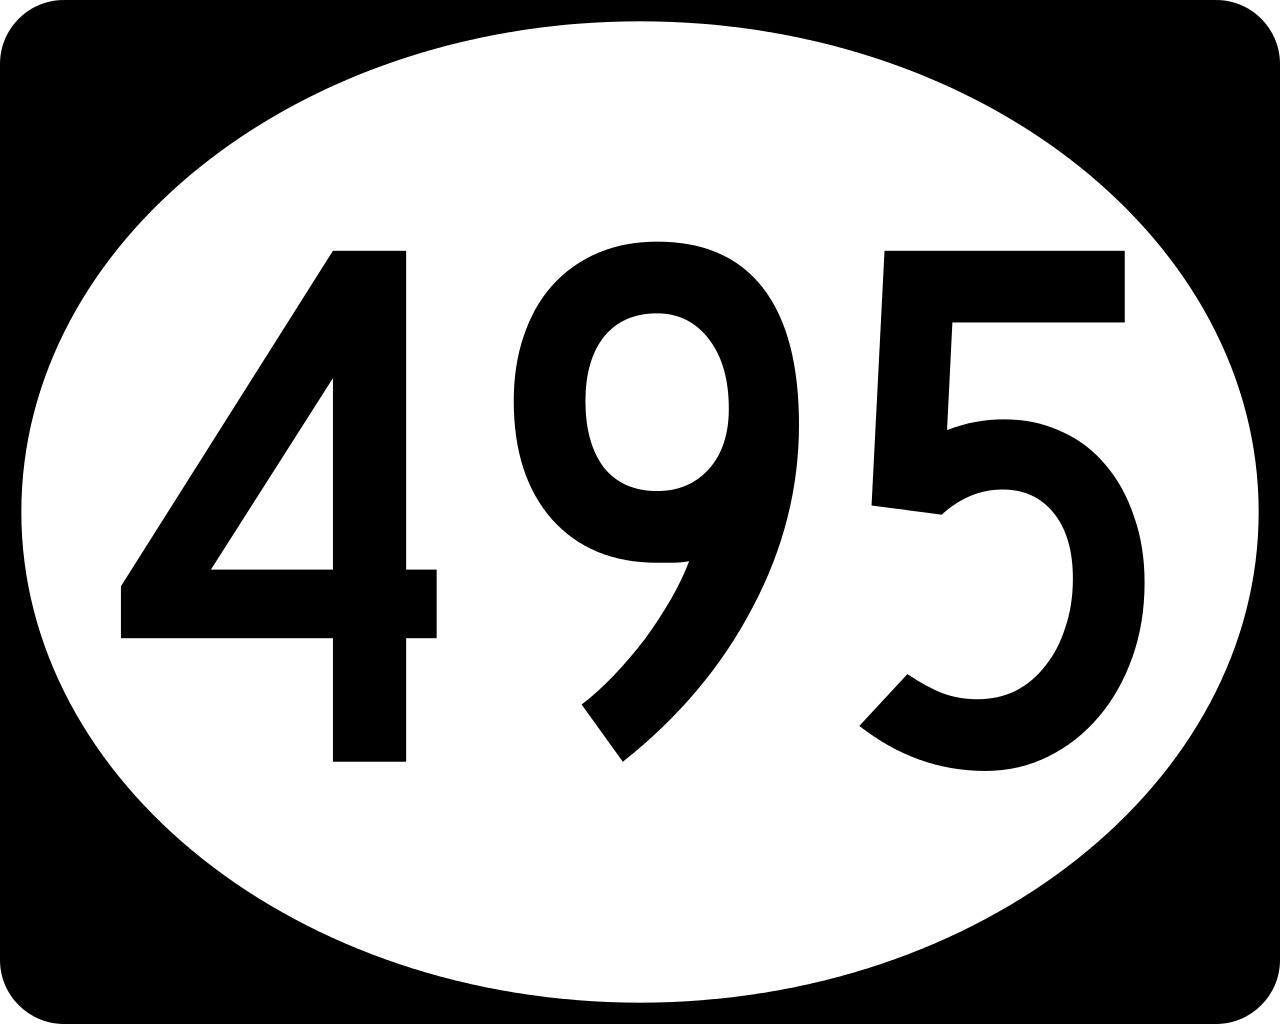 Почему сейчас популярны номера в коде 495